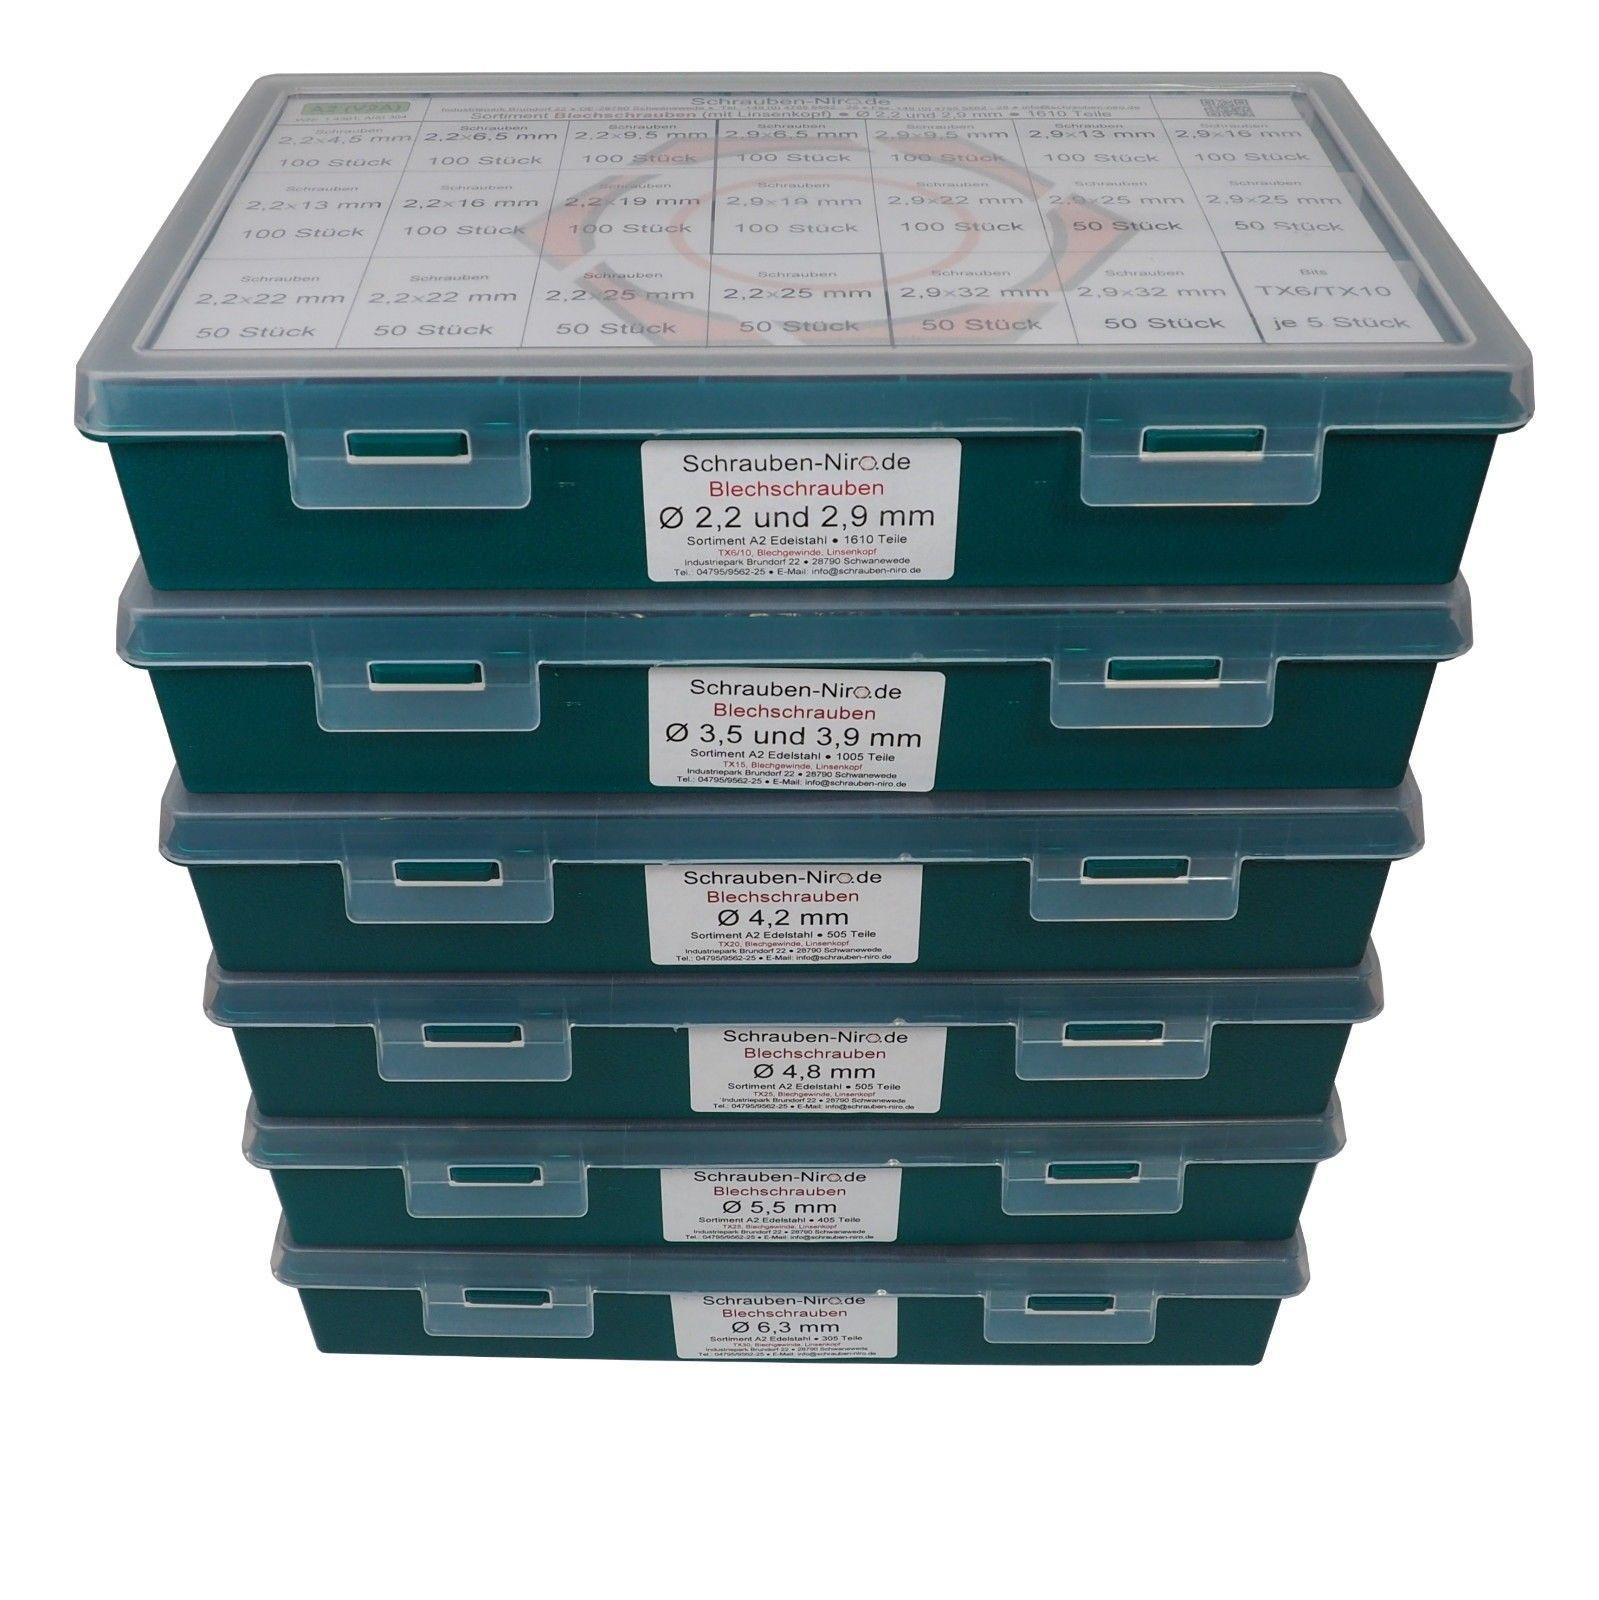 10 Stück Blechschrauben DIN 7981 Linsenkopf A2 4,2X70